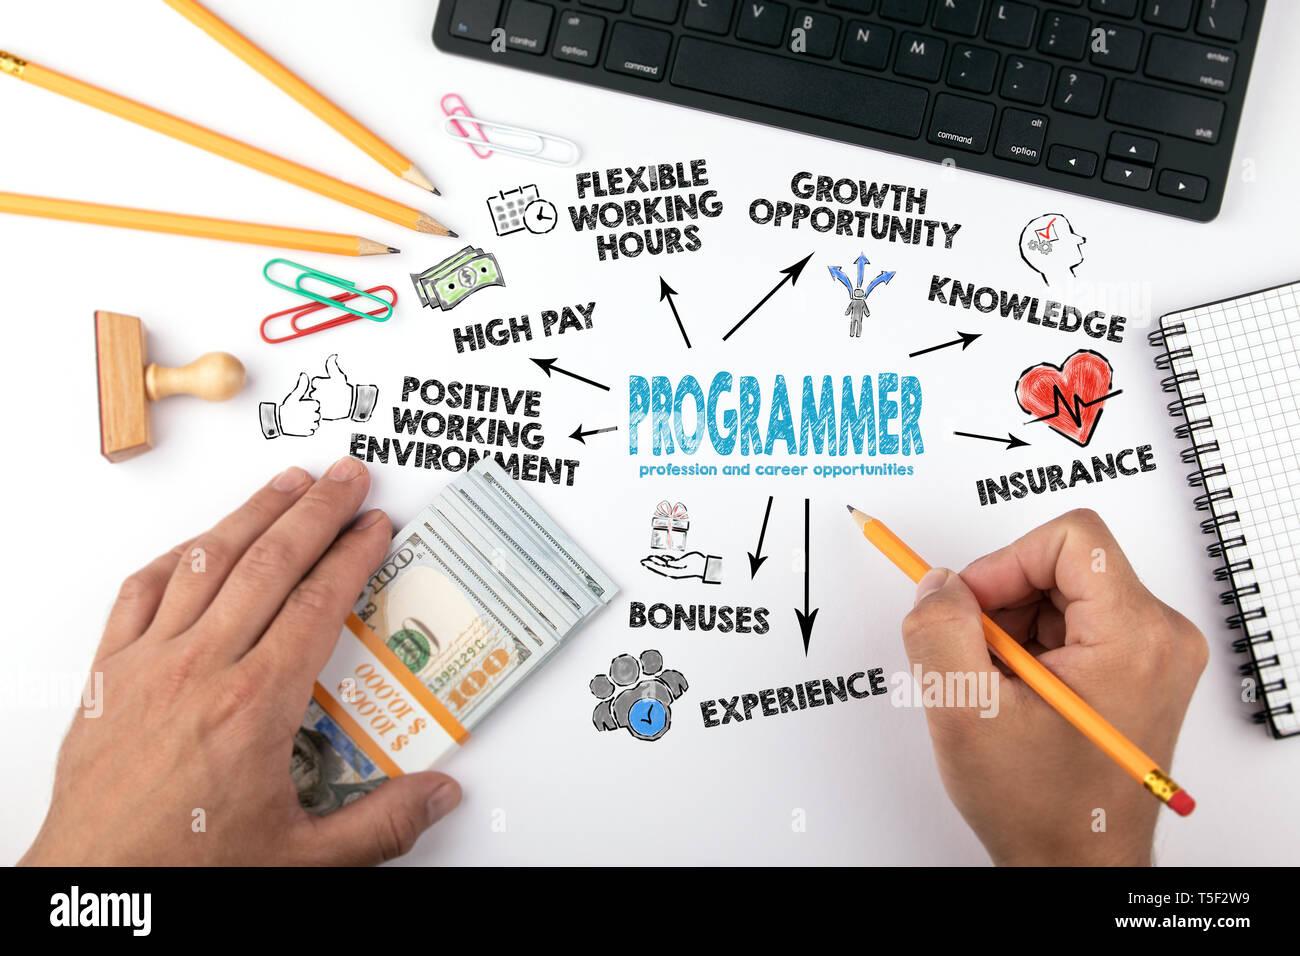 La profesión de programador y oportunidades de carrera. Gráfico con iconos y palabras clave Foto de stock